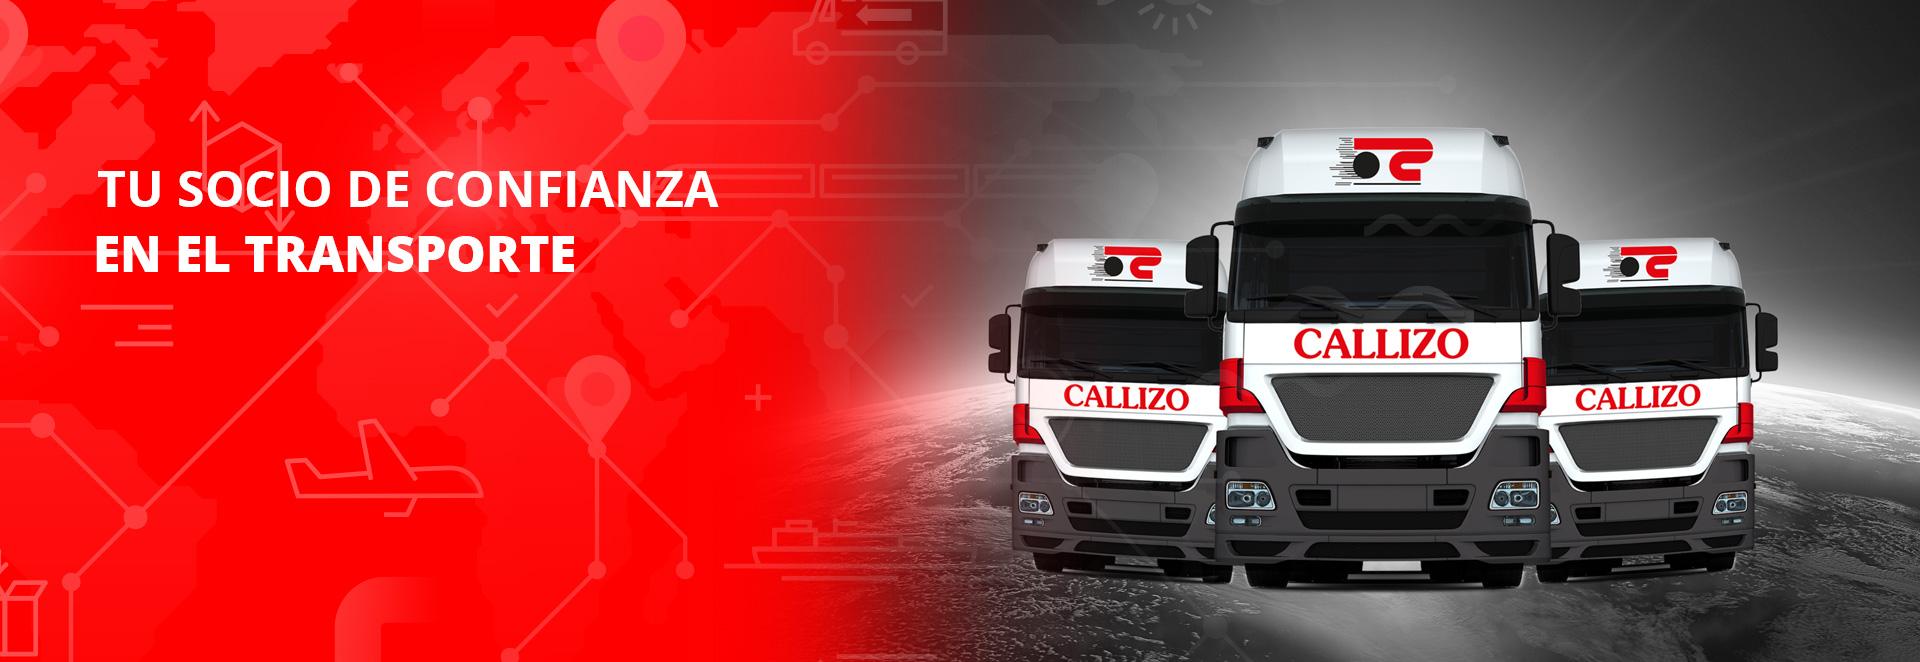 Trasnportes Callizo - Tu socio de confianza en el transporte